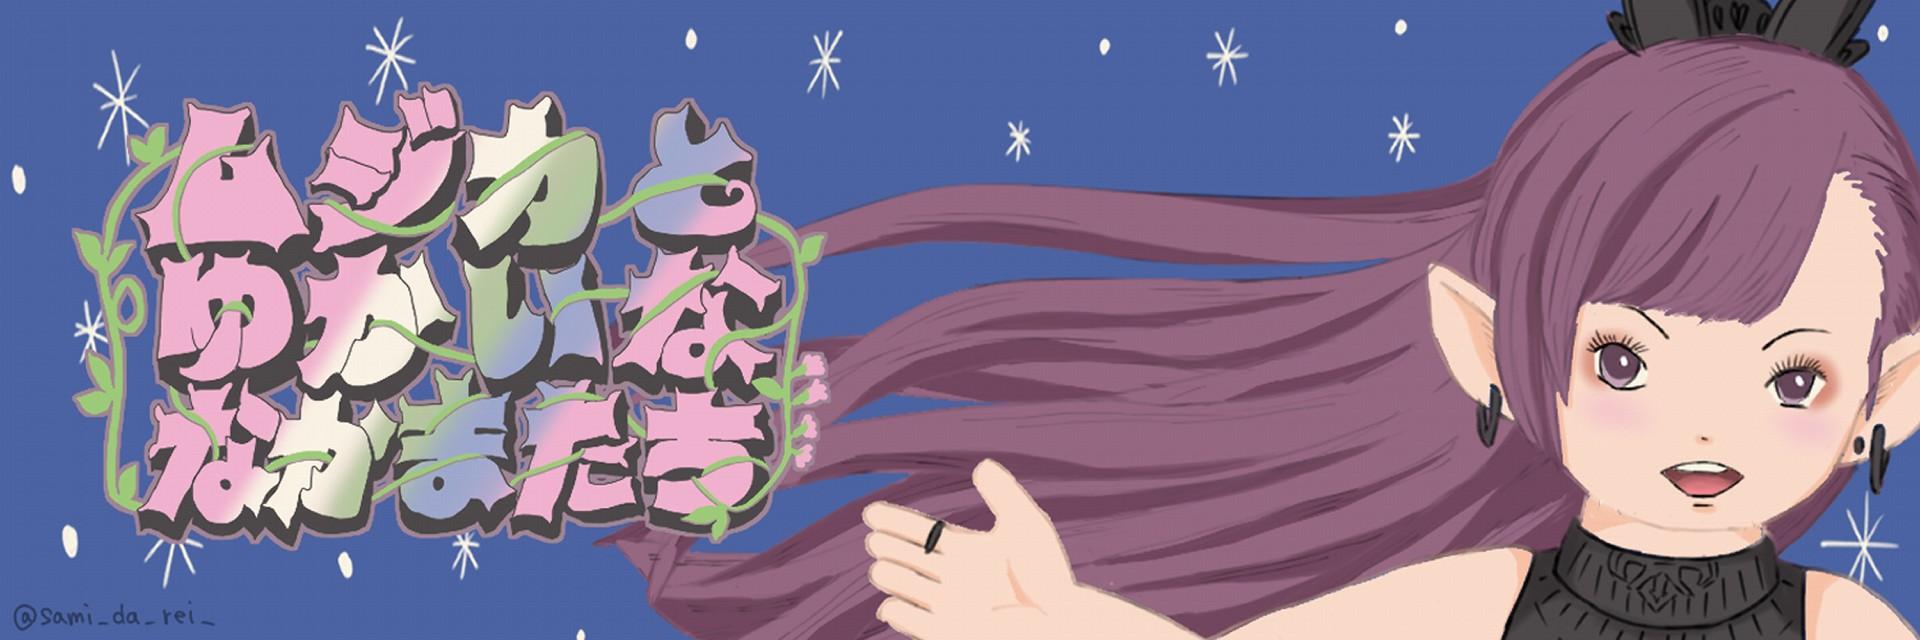 f:id:ryoushitsu-musica:20210725211619j:image